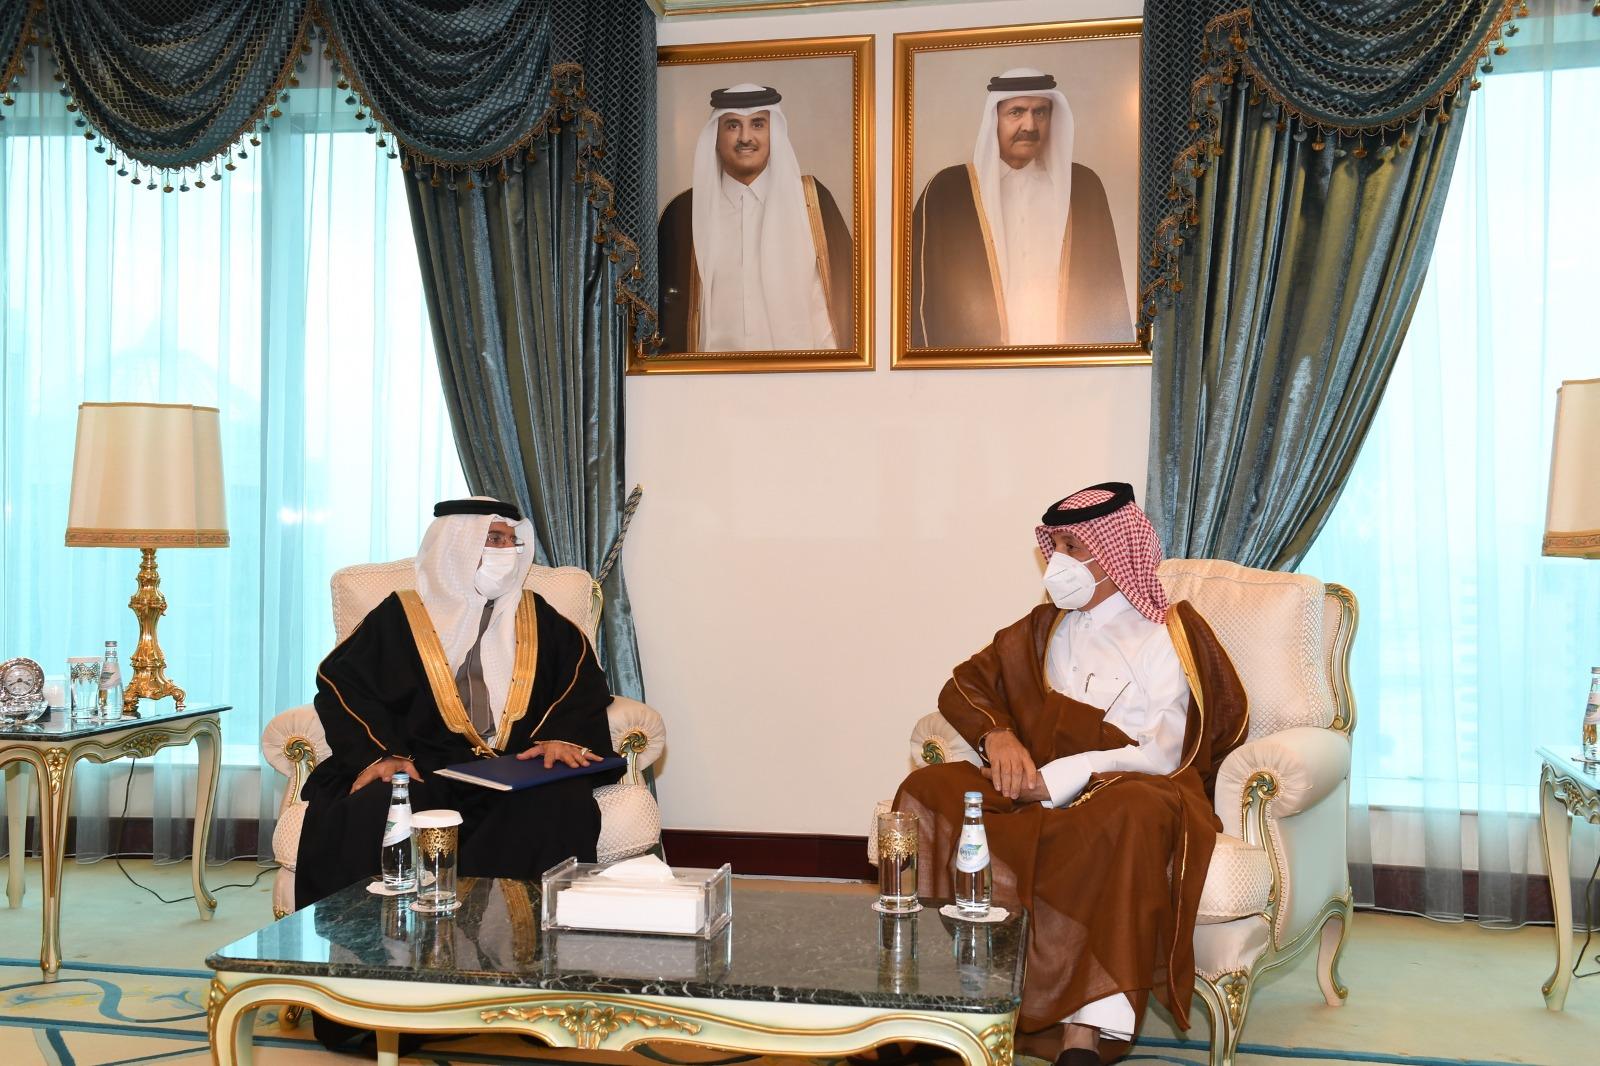 نائب رئيس مجلس الوزراء وزير الخارجية يتلقى رسالة خطية من وزير الخارجية بمملكة البحرين